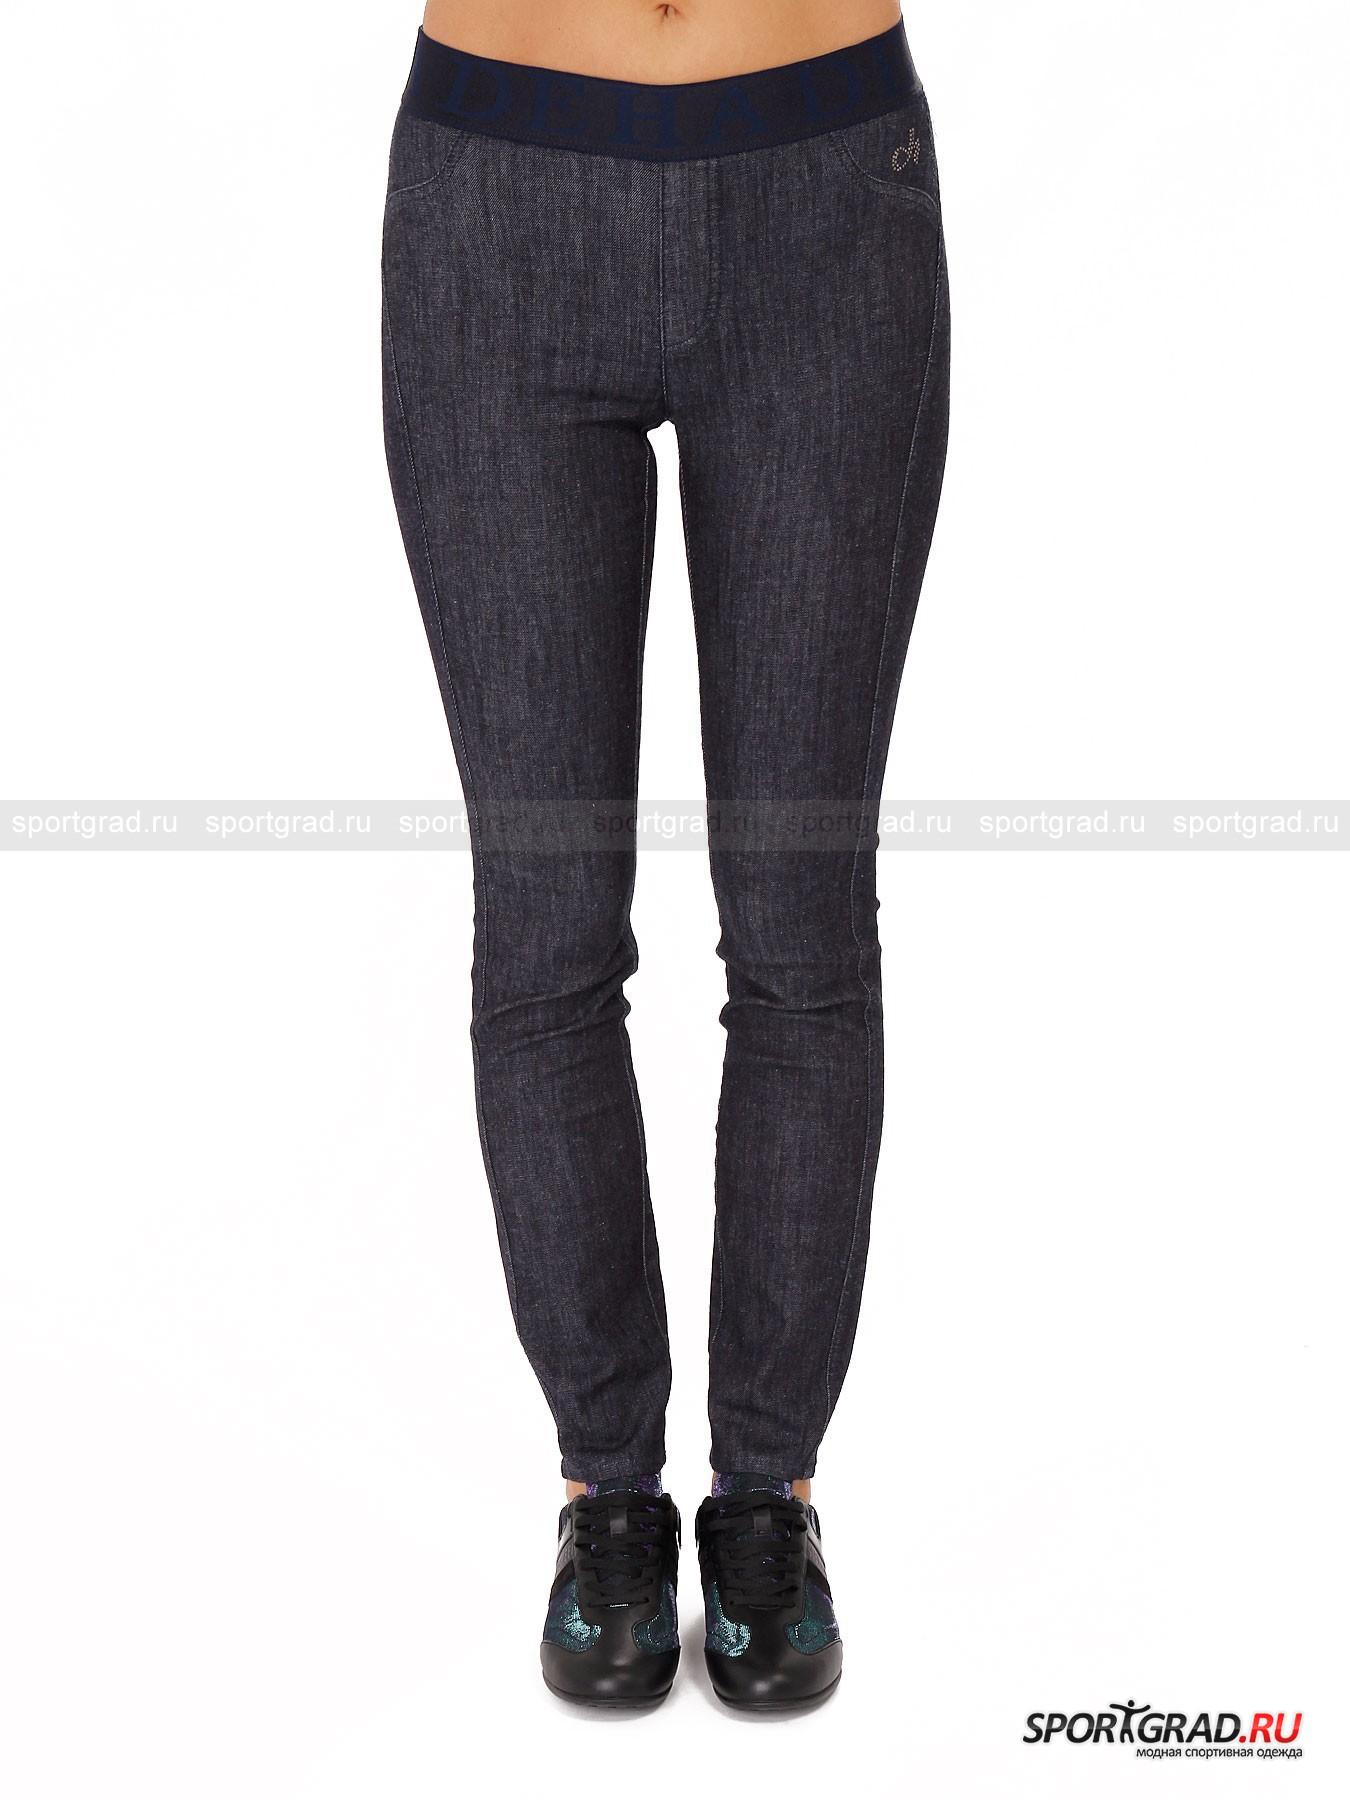 Брюки женские Slim fit Pants DEHAБрюки<br>Простые брюки из джинсовой ткани Slim Fit Pants Deha садятся точно по ноге, не создавая излишний объем. Материал довольно тонкий, но при этом плотный, он прекрасно тянется, обеспечивая свободу движений. Модель не имеет застежек, она держится при помощи эластичного пояса, декорированного по периметру повторяющейся надписью Deha. Карманов и ширинки здесь тоже нет, присутствует лишь имитация-обманка. Зато сзади выделяется округлая кокетка, которая визуально делает ягодицы более круглыми и подтянутыми. Единственный декоративный элемент – фирменный логотип марки, выложенный стразами.<br><br>Пол: Женский<br>Возраст: Взрослый<br>Тип: Брюки<br>Рекомендации по уходу: стирка в теплой воде до 30 С; не отбеливать; гладить слегка нагретым утюгом (температура до 110 C); только сухая чистка; нельзя выжимать и сушить в стиральной машине<br>Состав: 96% хлопок, 4% эластан